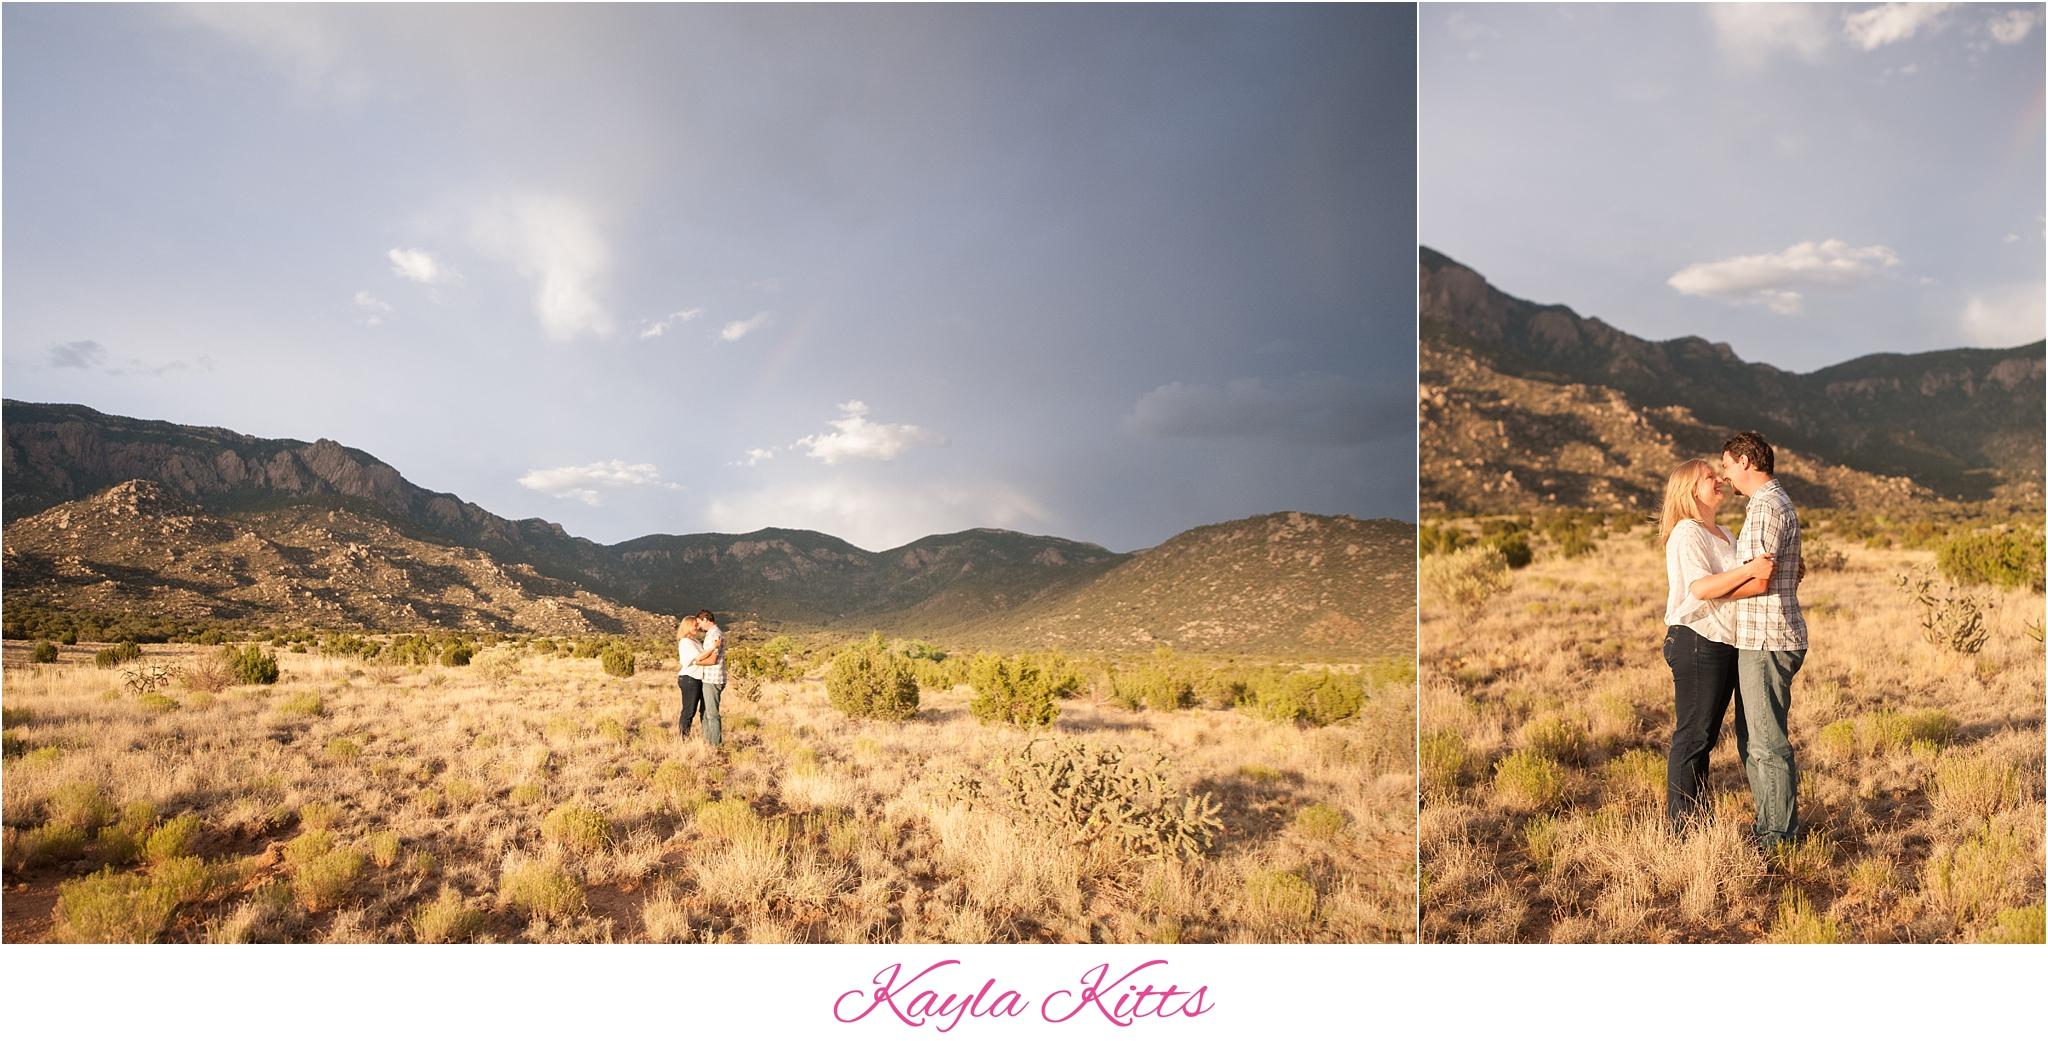 kayla kitts photography - albuquerque wedding photographer - albuquerque wedding - albuquerque outdoor ceremony - sandia - casa de suenos - hotel andaluz - los poblanos wedding - new mexico wedding photographer_0173.jpg